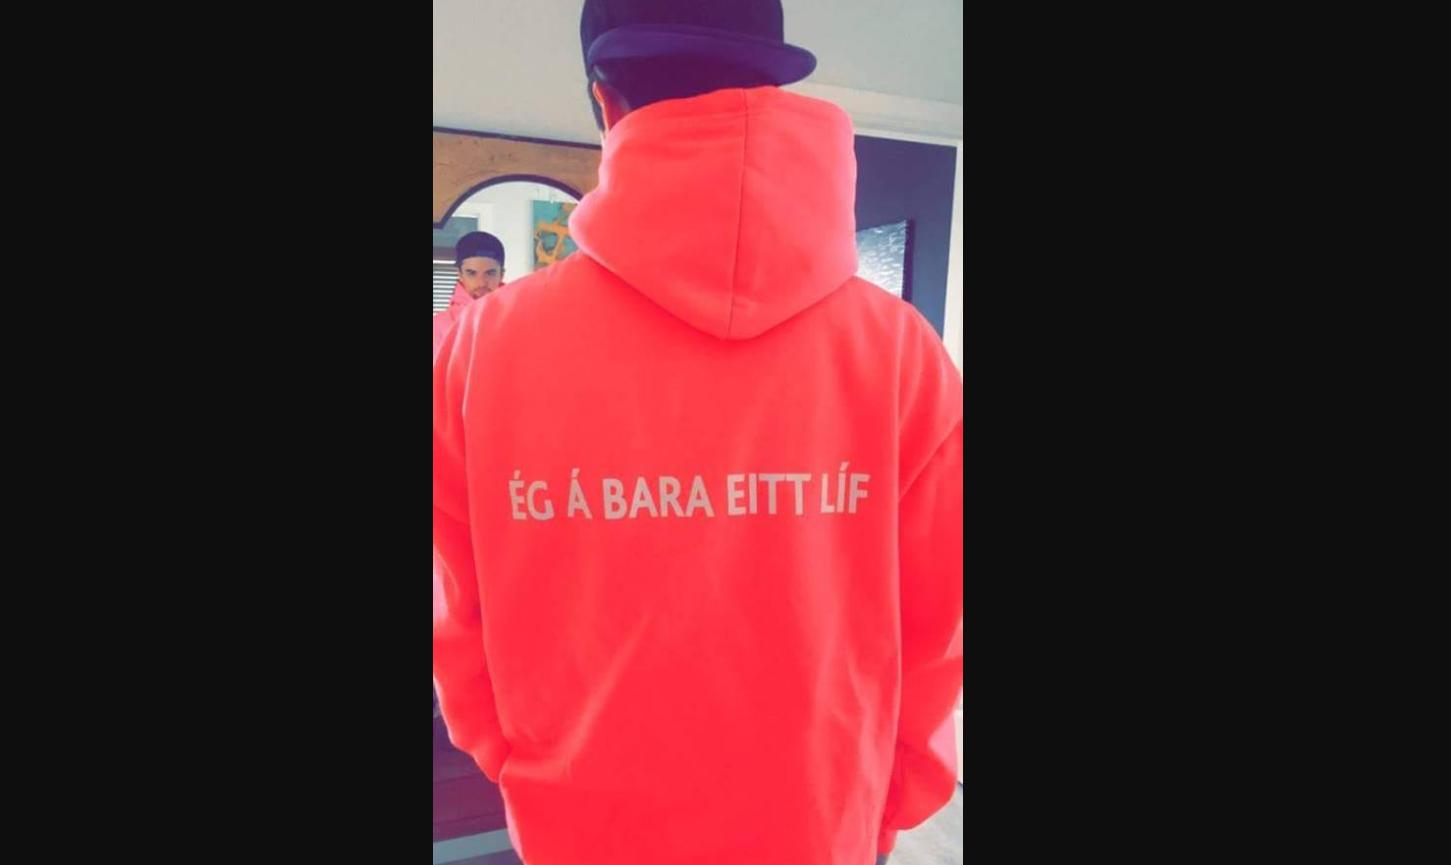 Íslenskur strákur REKINN úr meðferð því þeir sáu ekki typpið á honum - Mamma hans er ekki til í þetta!